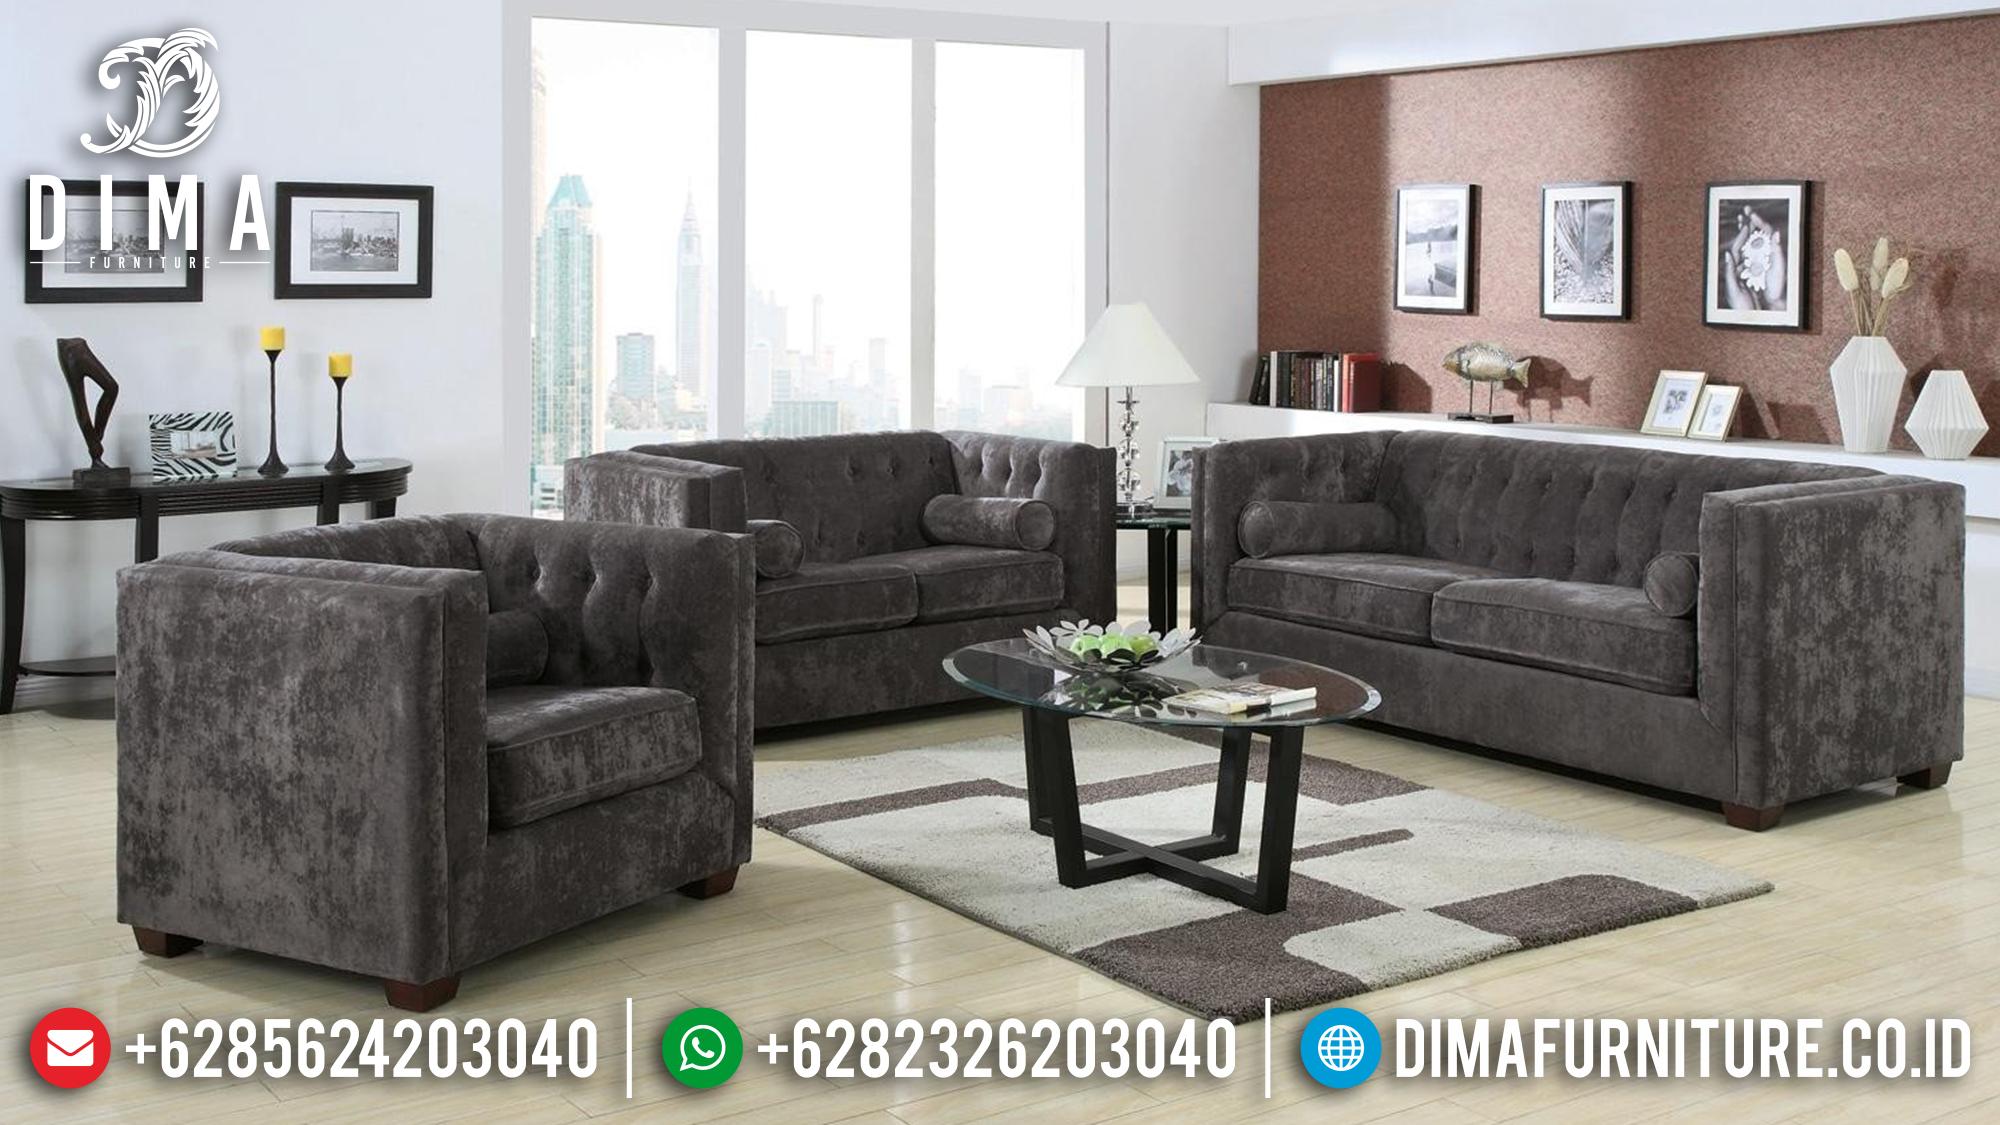 Jual Set 3 2 1 + Meja Sofa Tamu Minimalis Cantik DF-0981